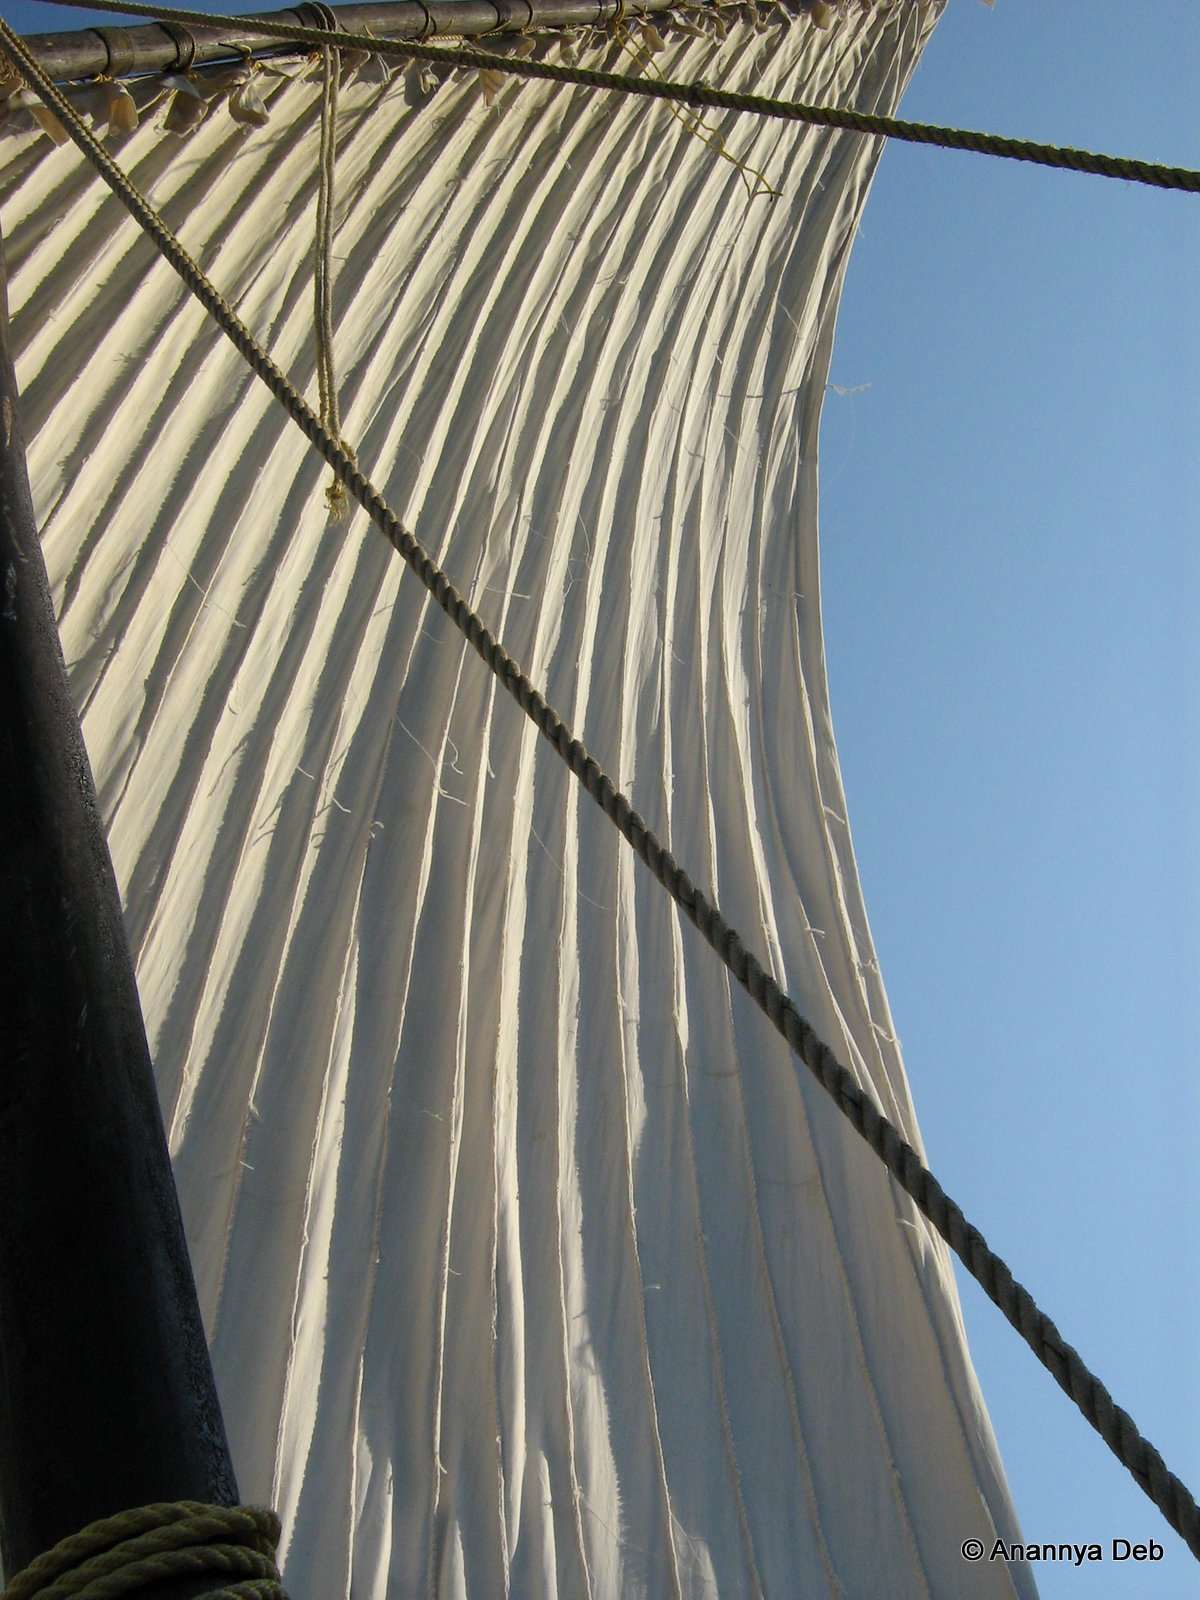 Janjira, January 2007